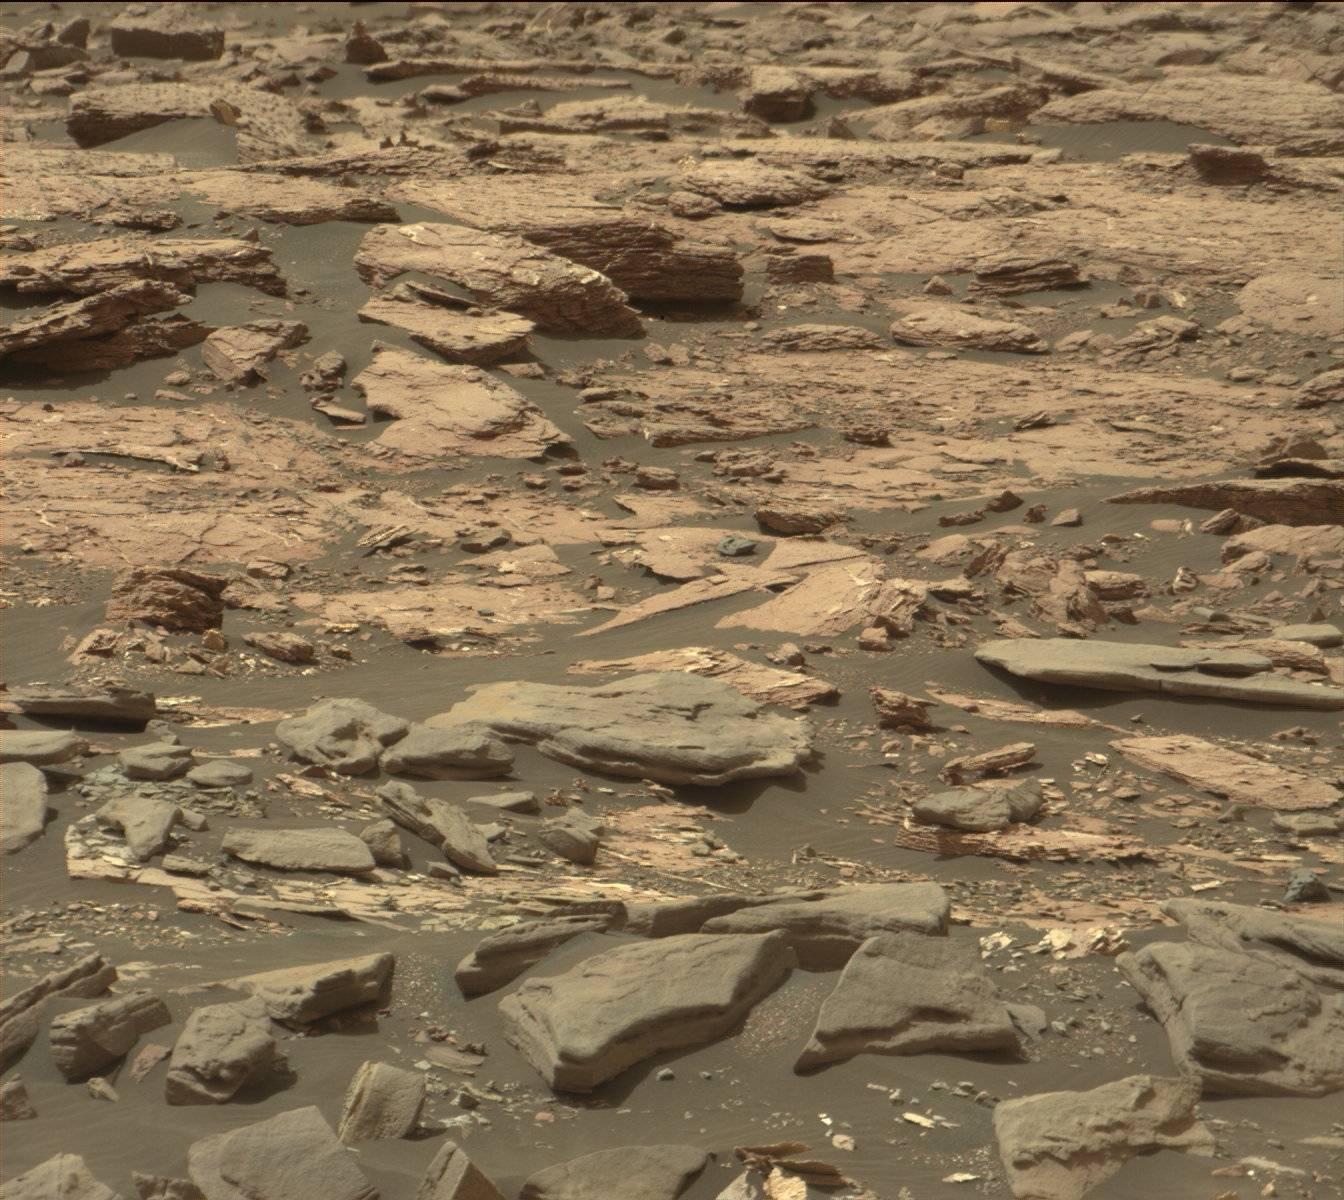 jpl mars rover curiosity - photo #38